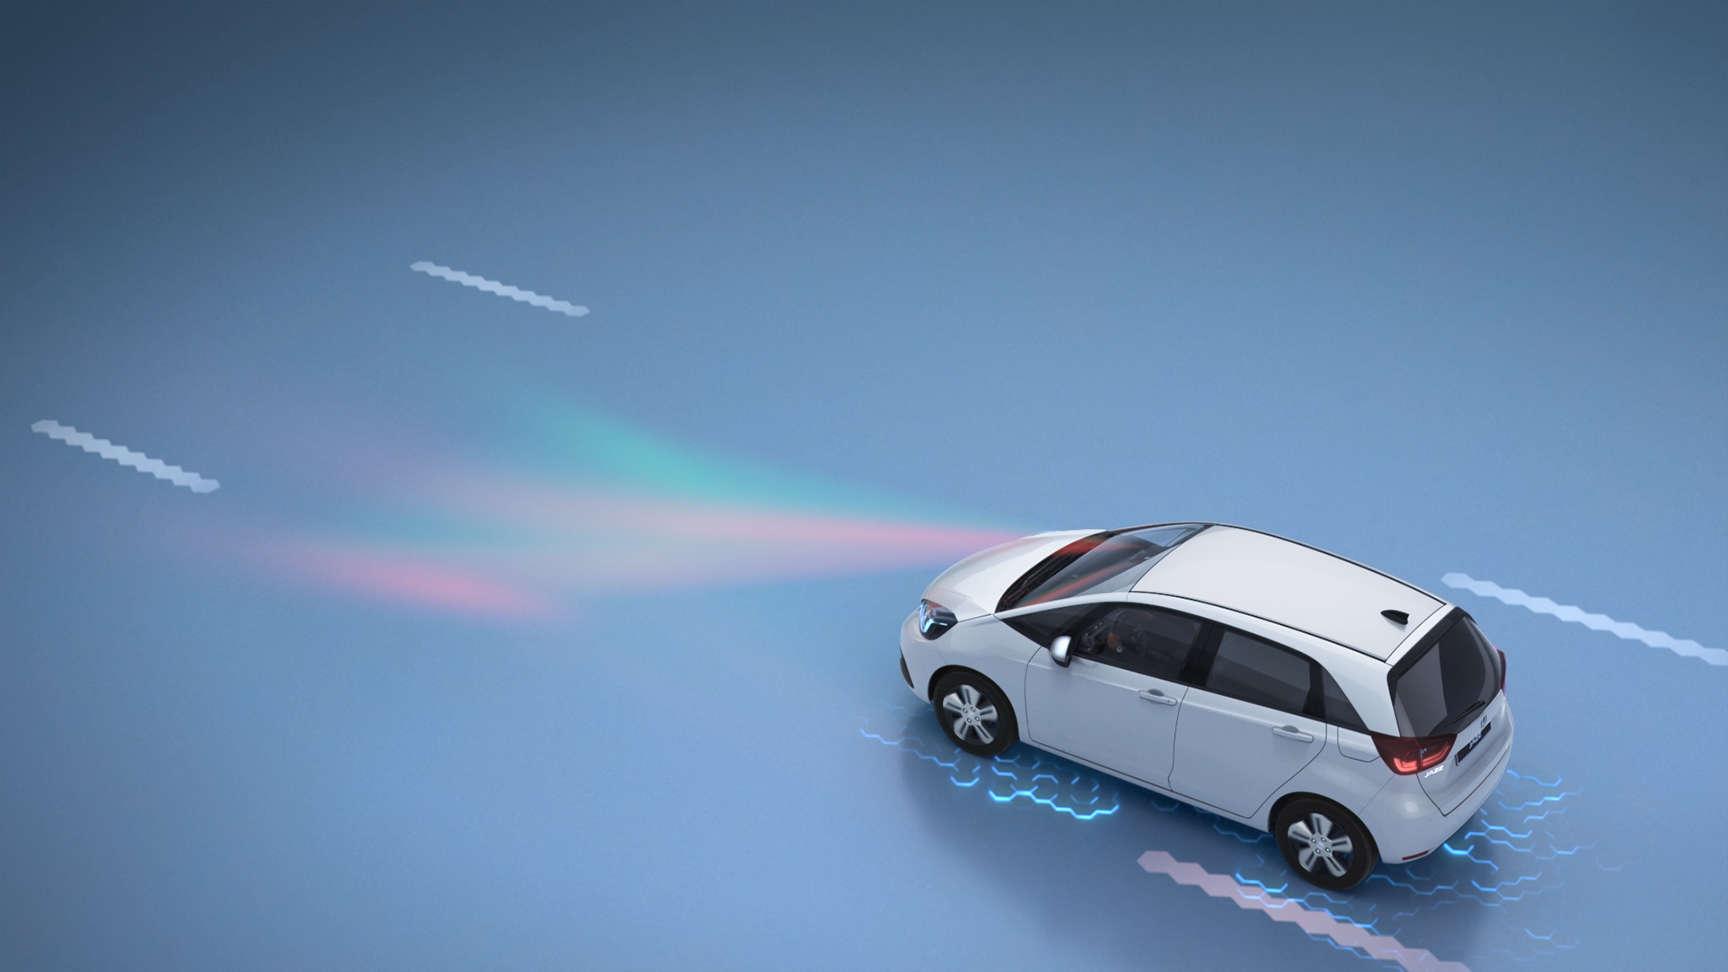 Pohľad spredu na prechádzajúci model Honda CR-V znázorňujúci prevenciu opustenia vozovky